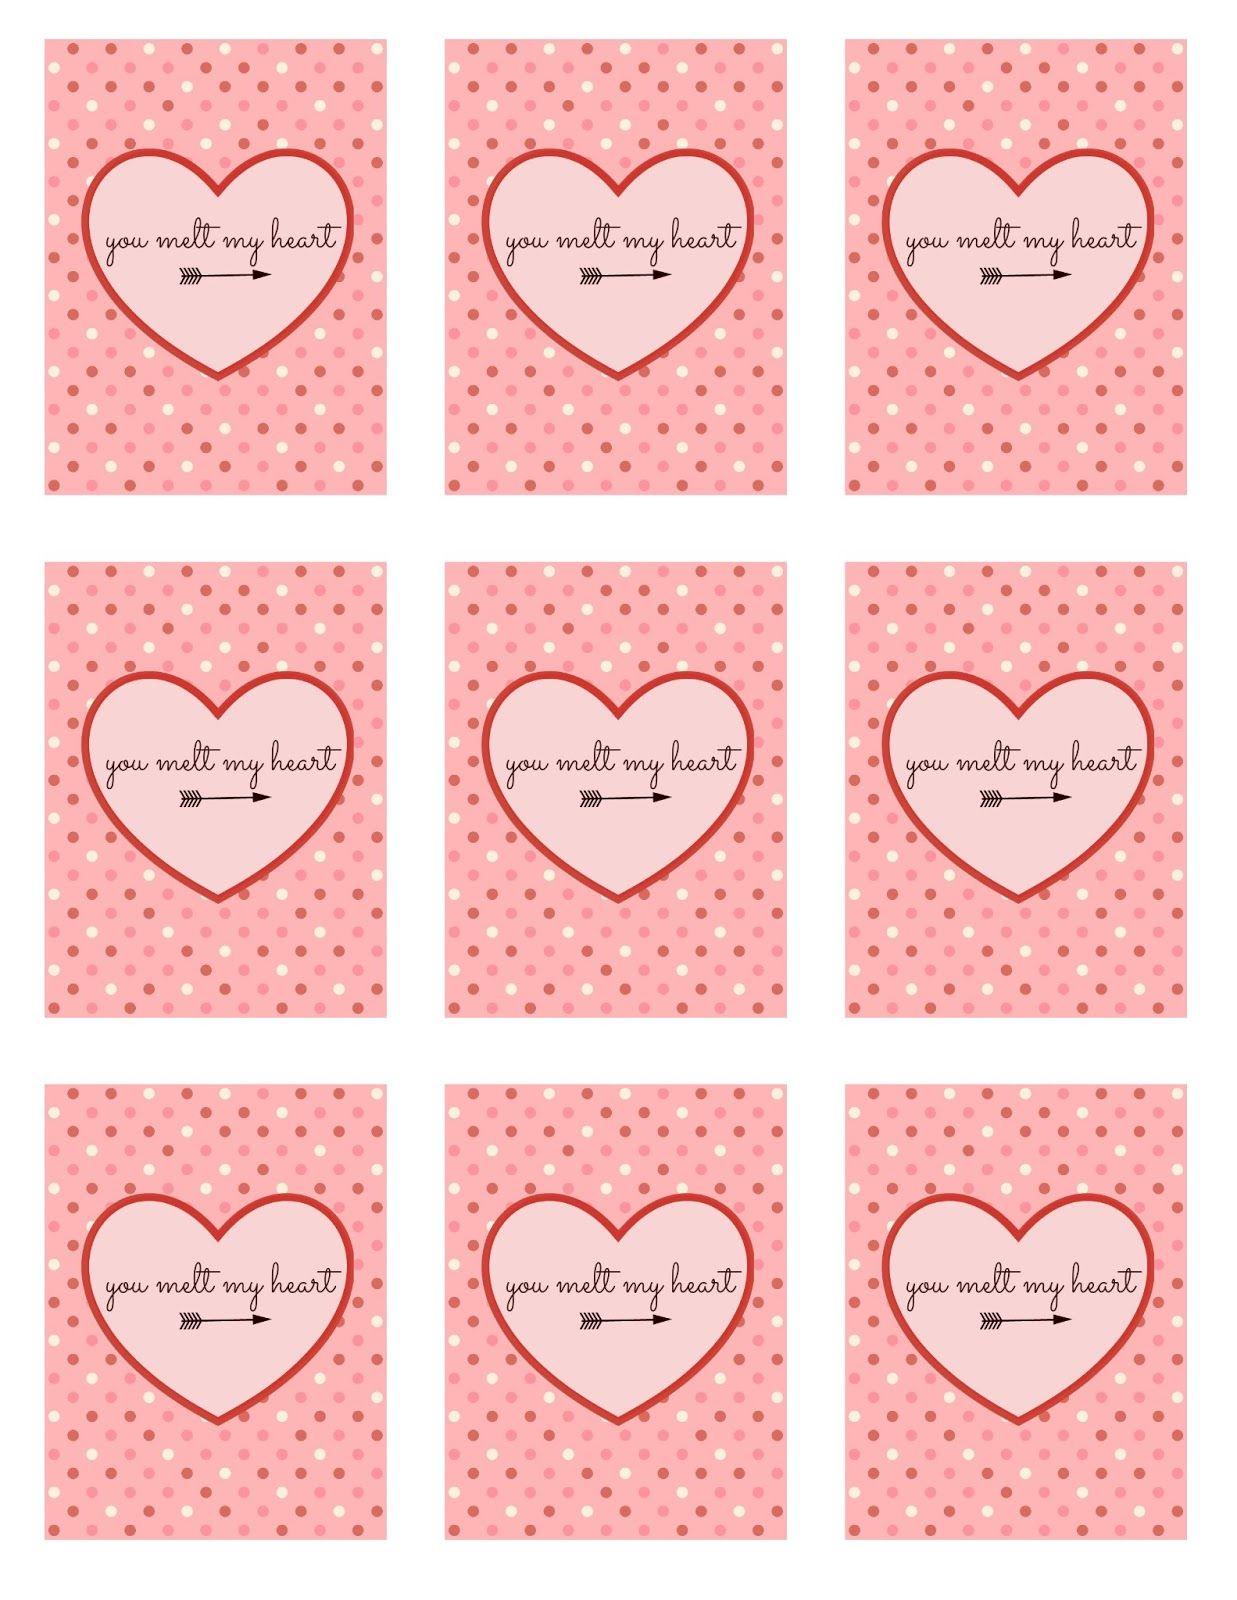 Melted Crayon Valentine